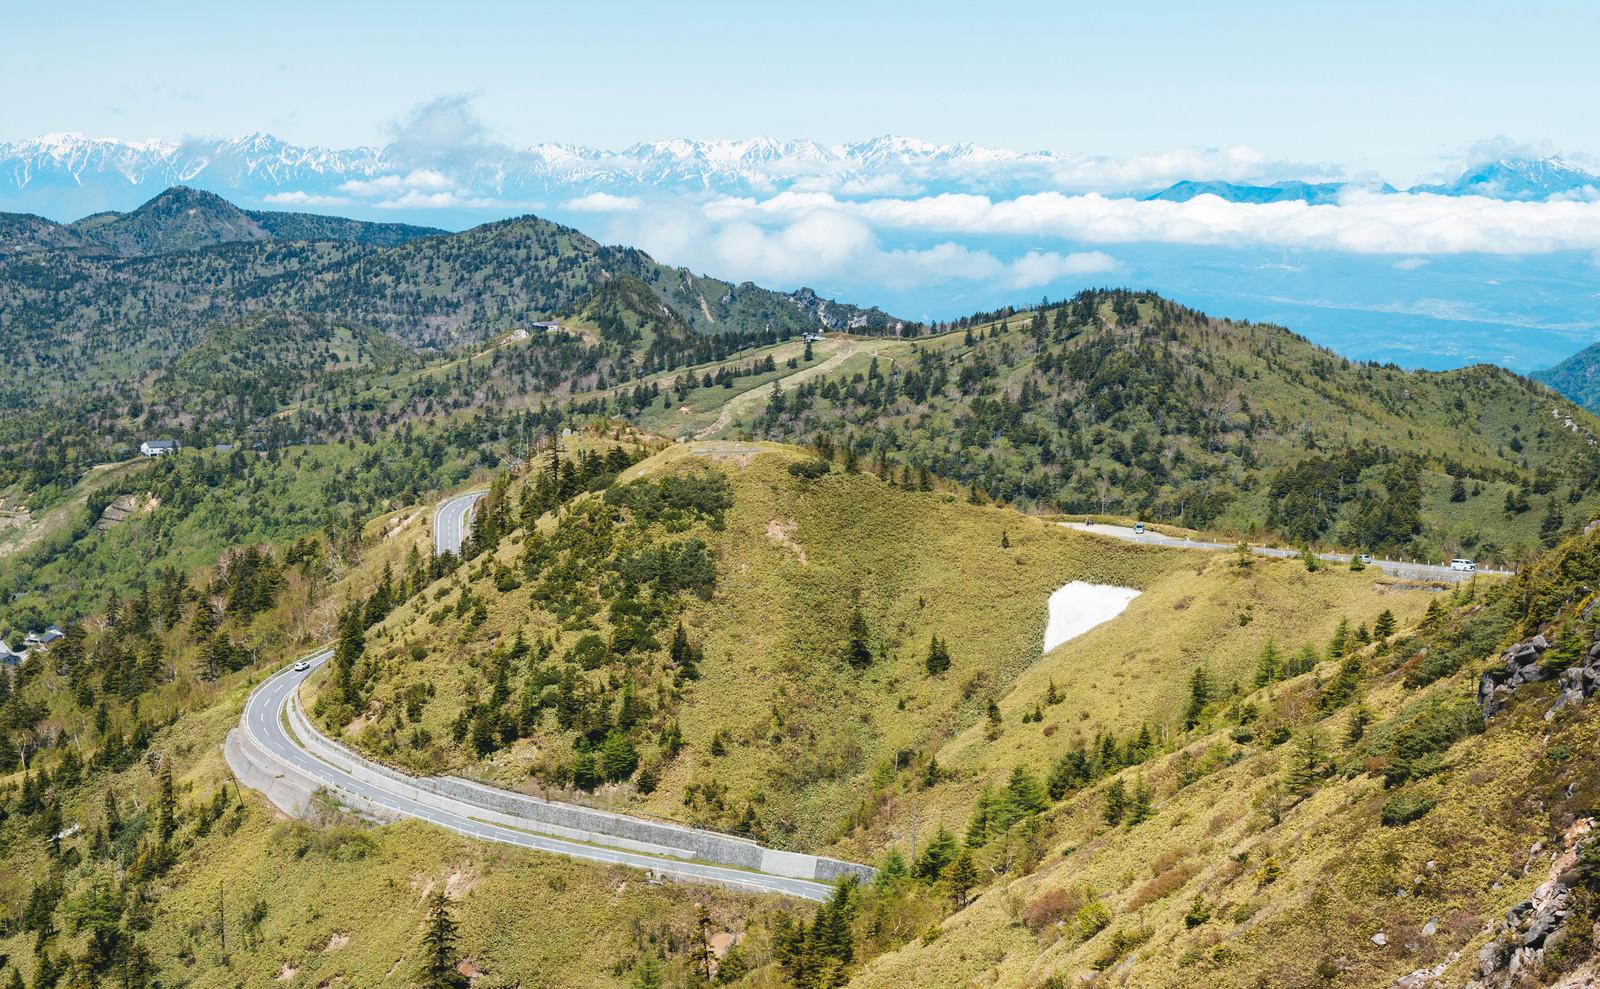 「遠くにアルプス山脈が見える白根山からの景観遠くにアルプス山脈が見える白根山からの景観」のフリー写真素材を拡大